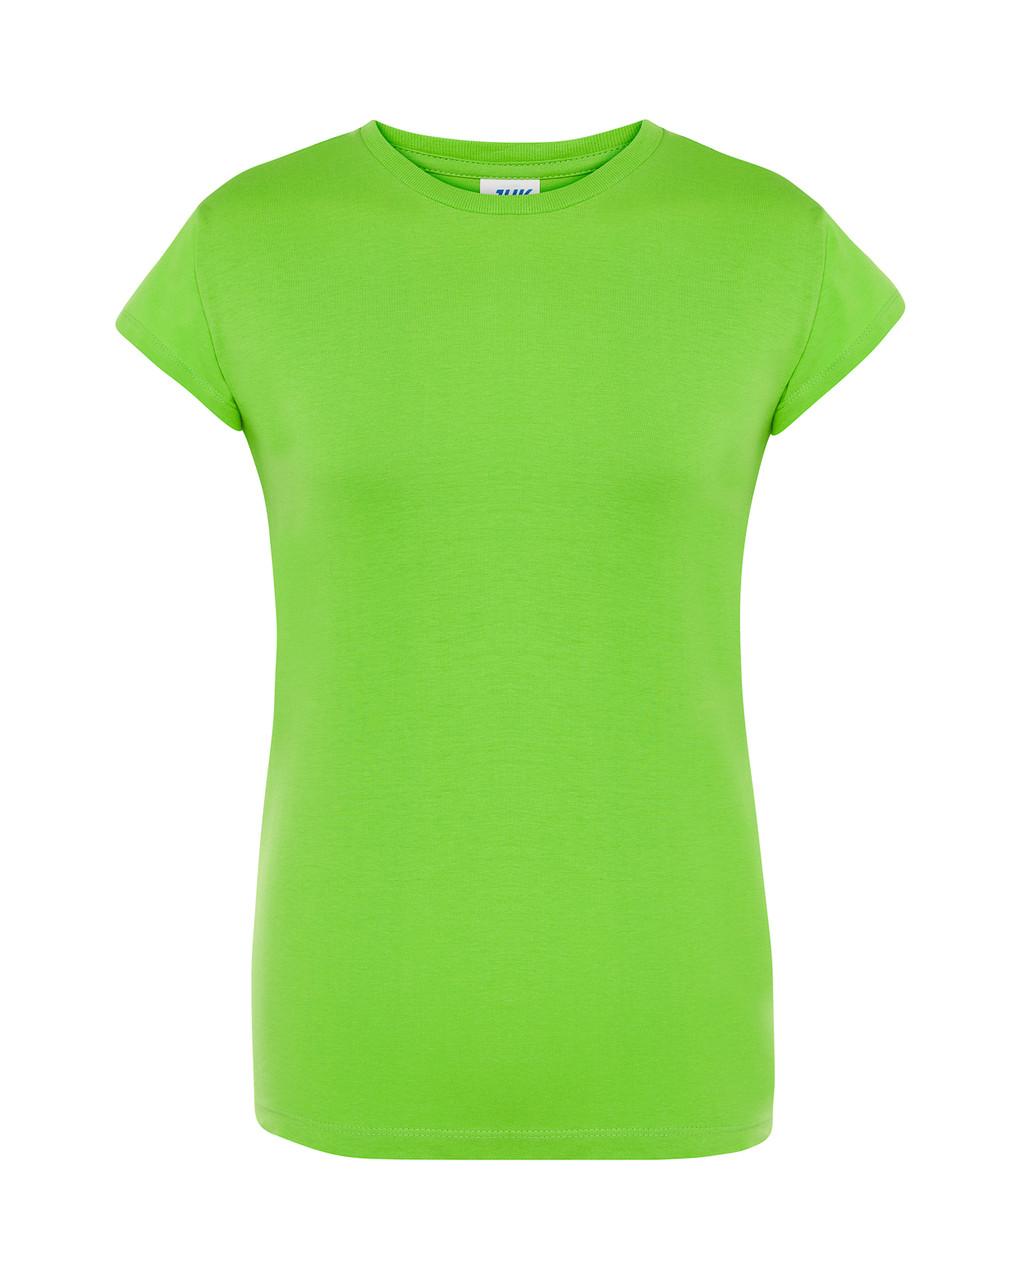 Женская футболка JHK COMFORT LADY цвет салатовый (LM)